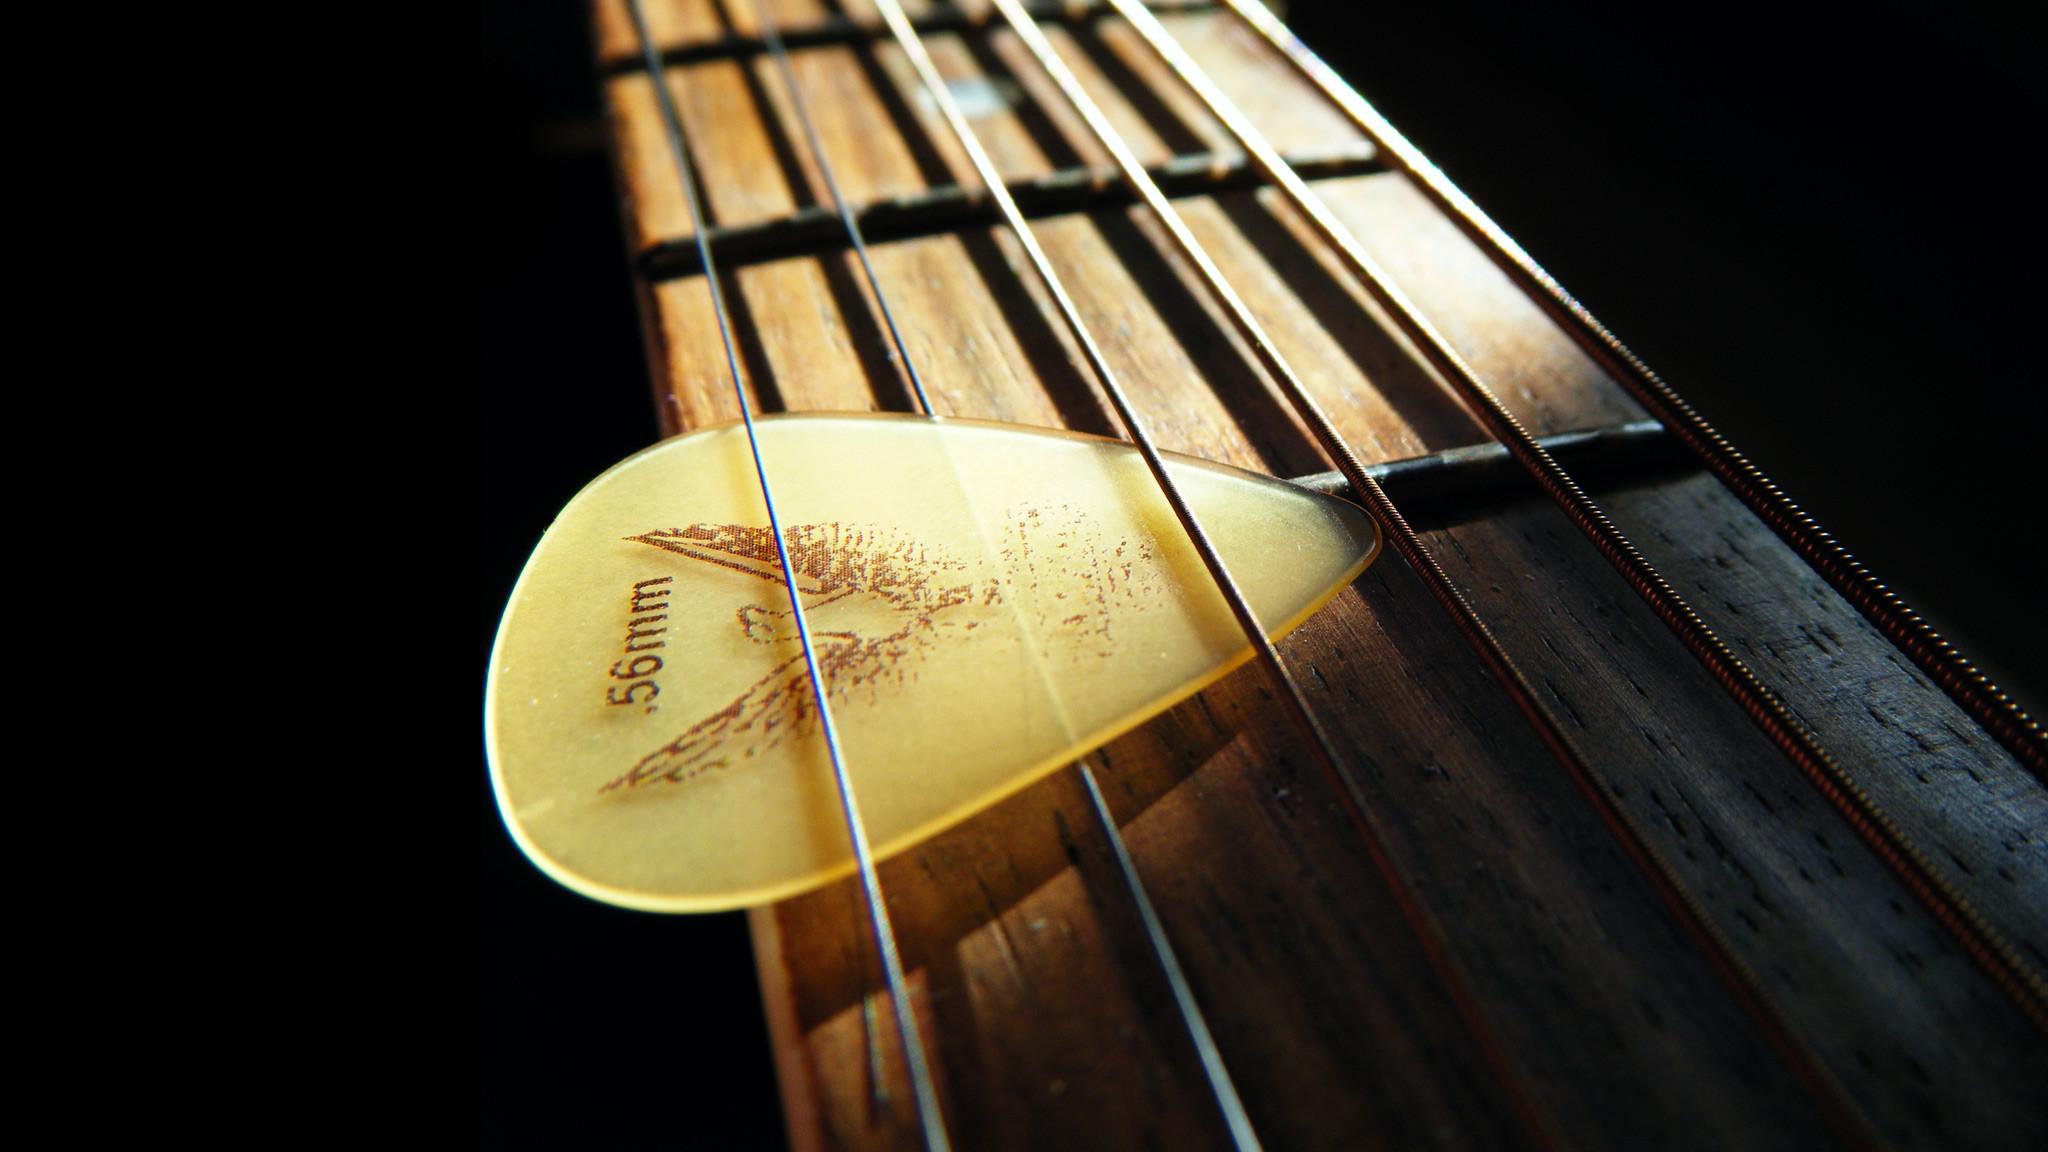 Guitarra y Pua - Fondo de pantalla